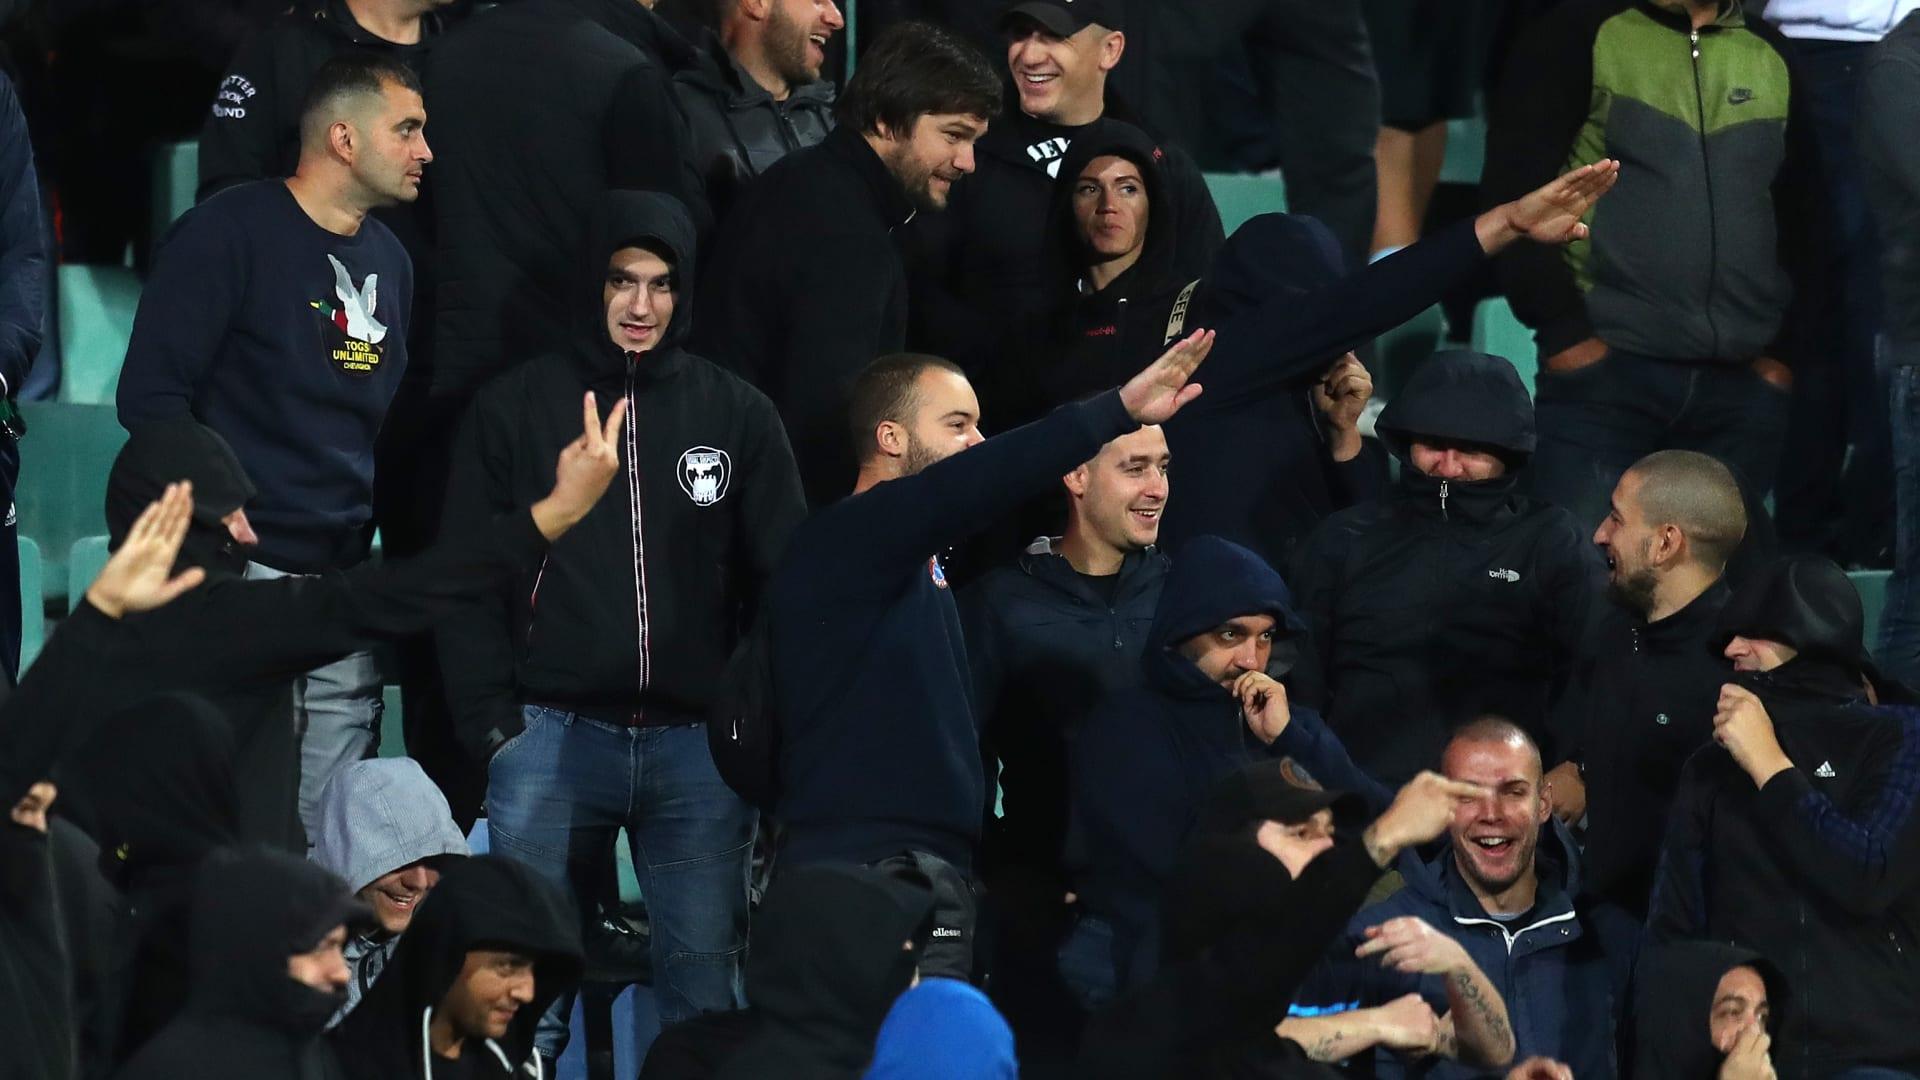 استقالة رئيس اتحاد كرة القدم البلغاري بعد هتافات عنصرية ضد لاعبي إنجلترا